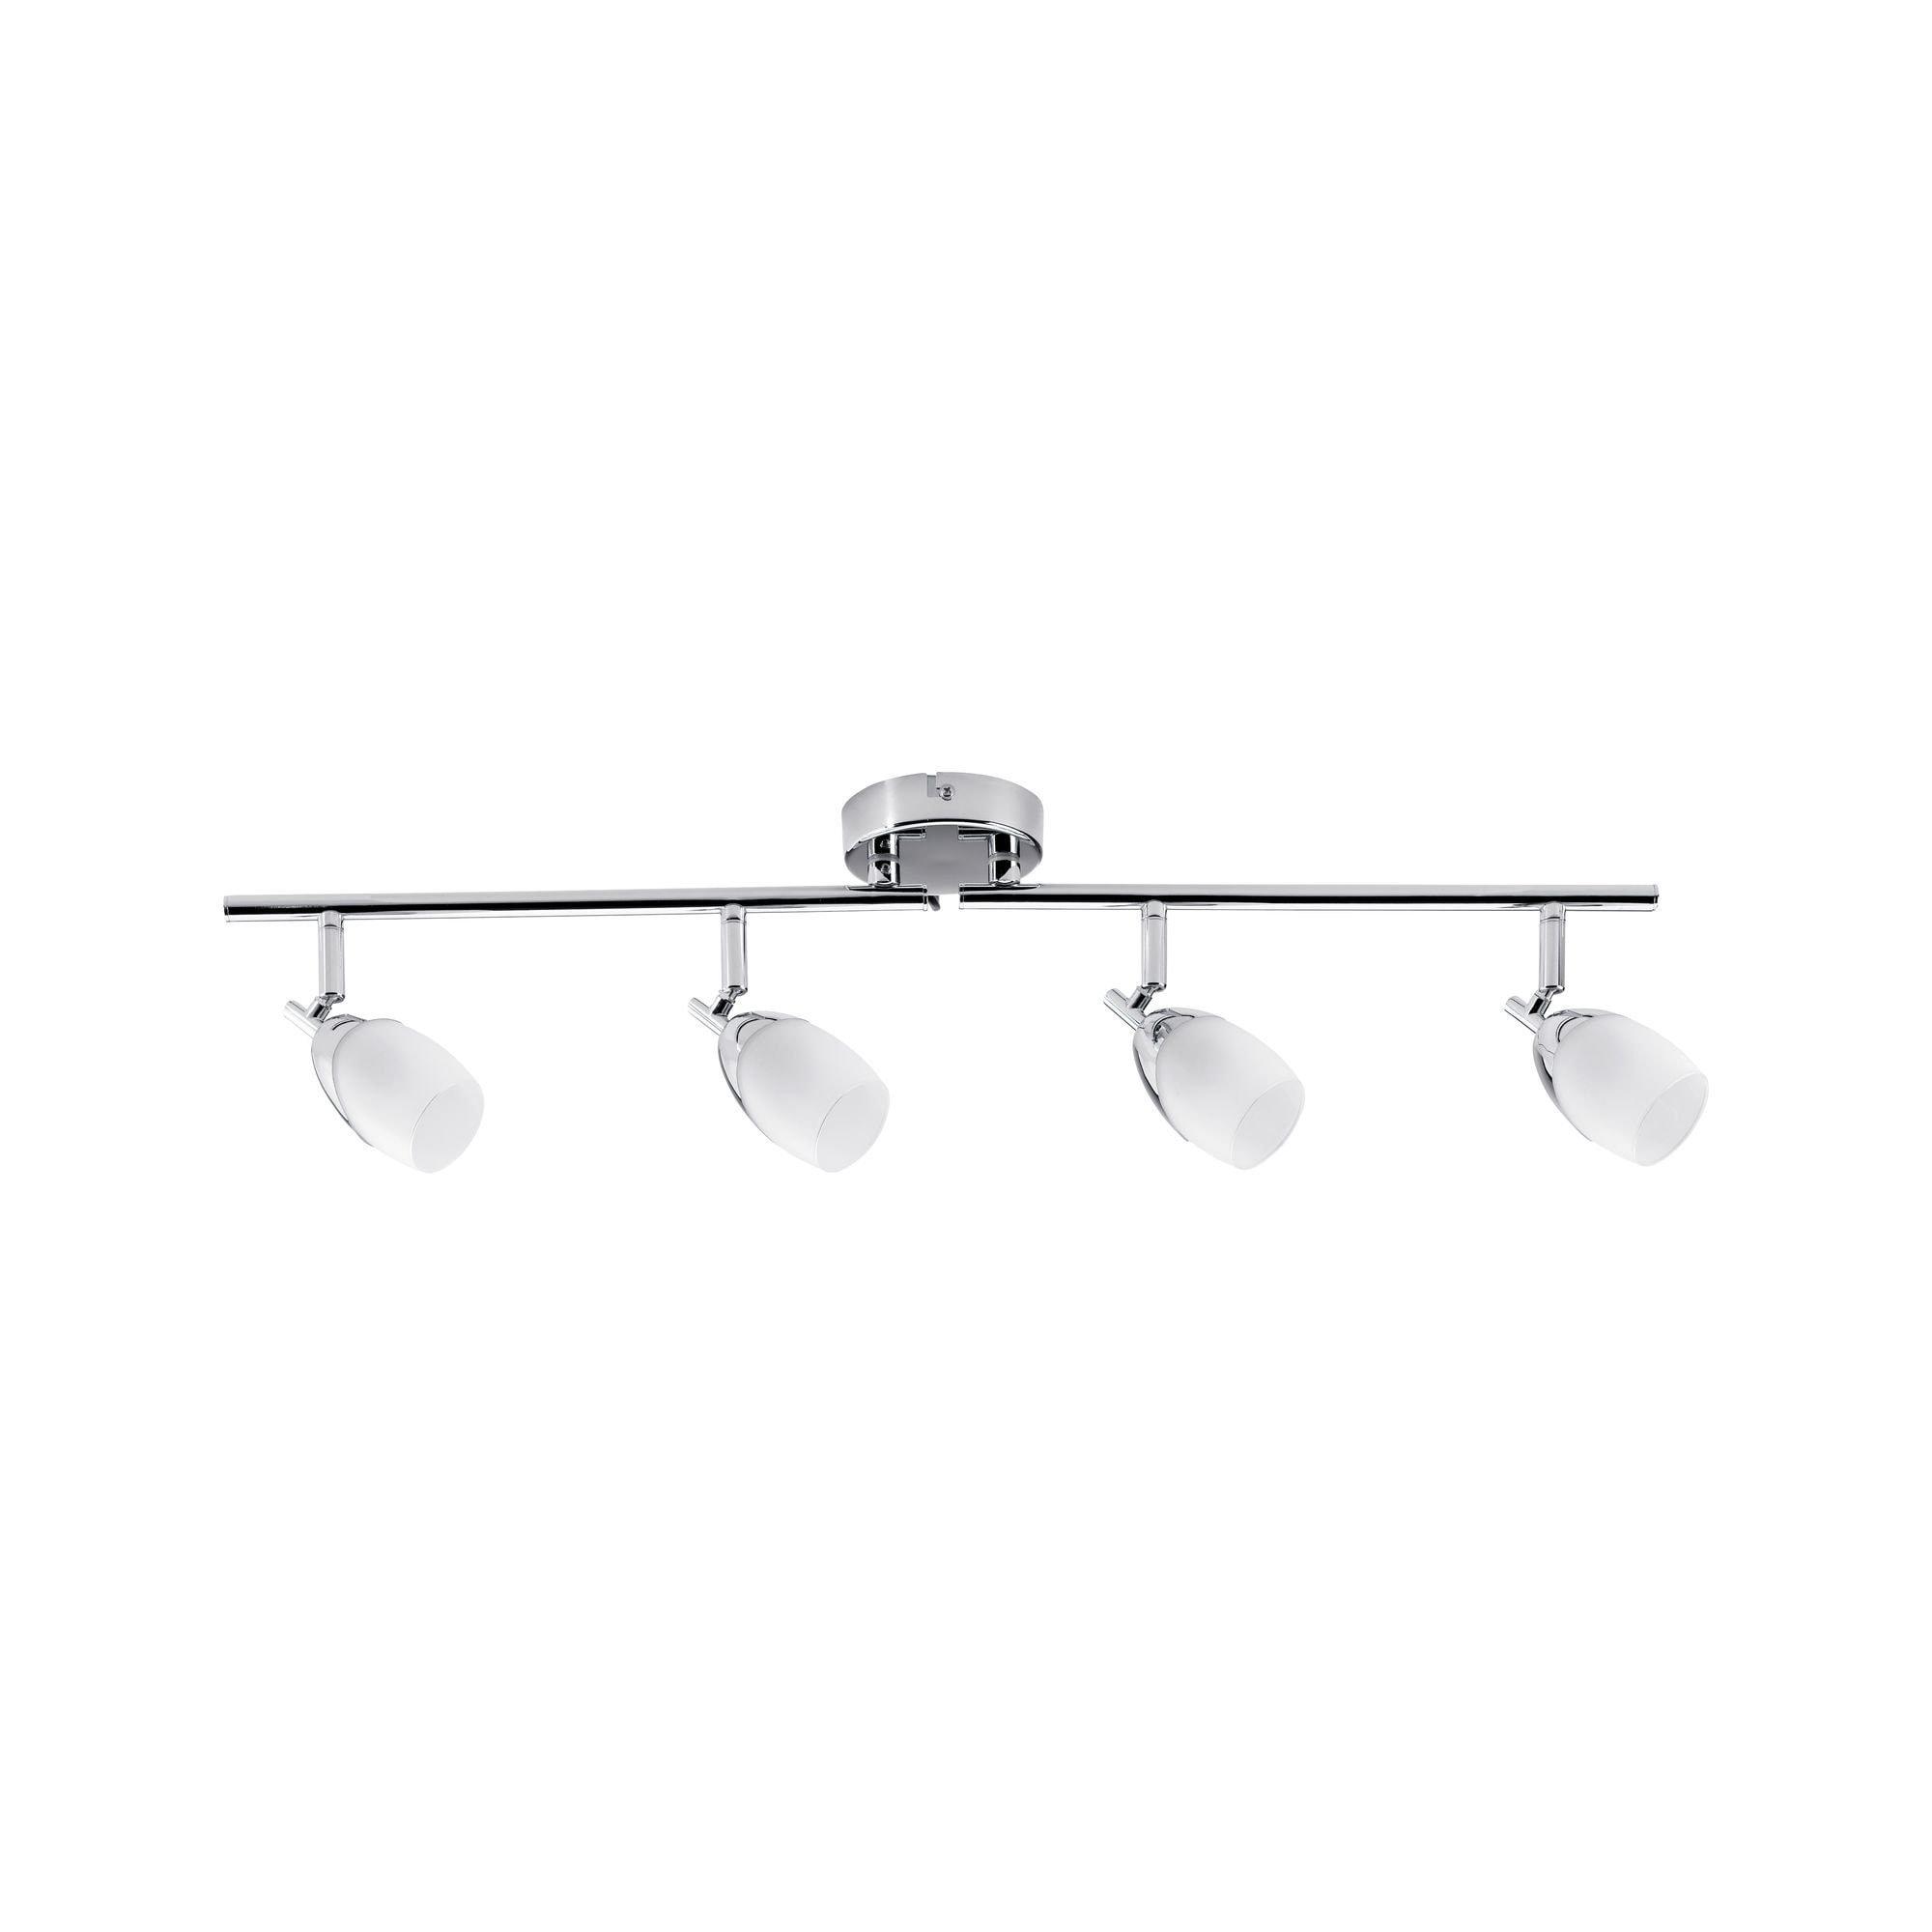 Paulmann,LED Deckenleuchte 4er-Spot G9 Silberfarben Chrom Yasmin ohne Leuchtmittel, max. 10W